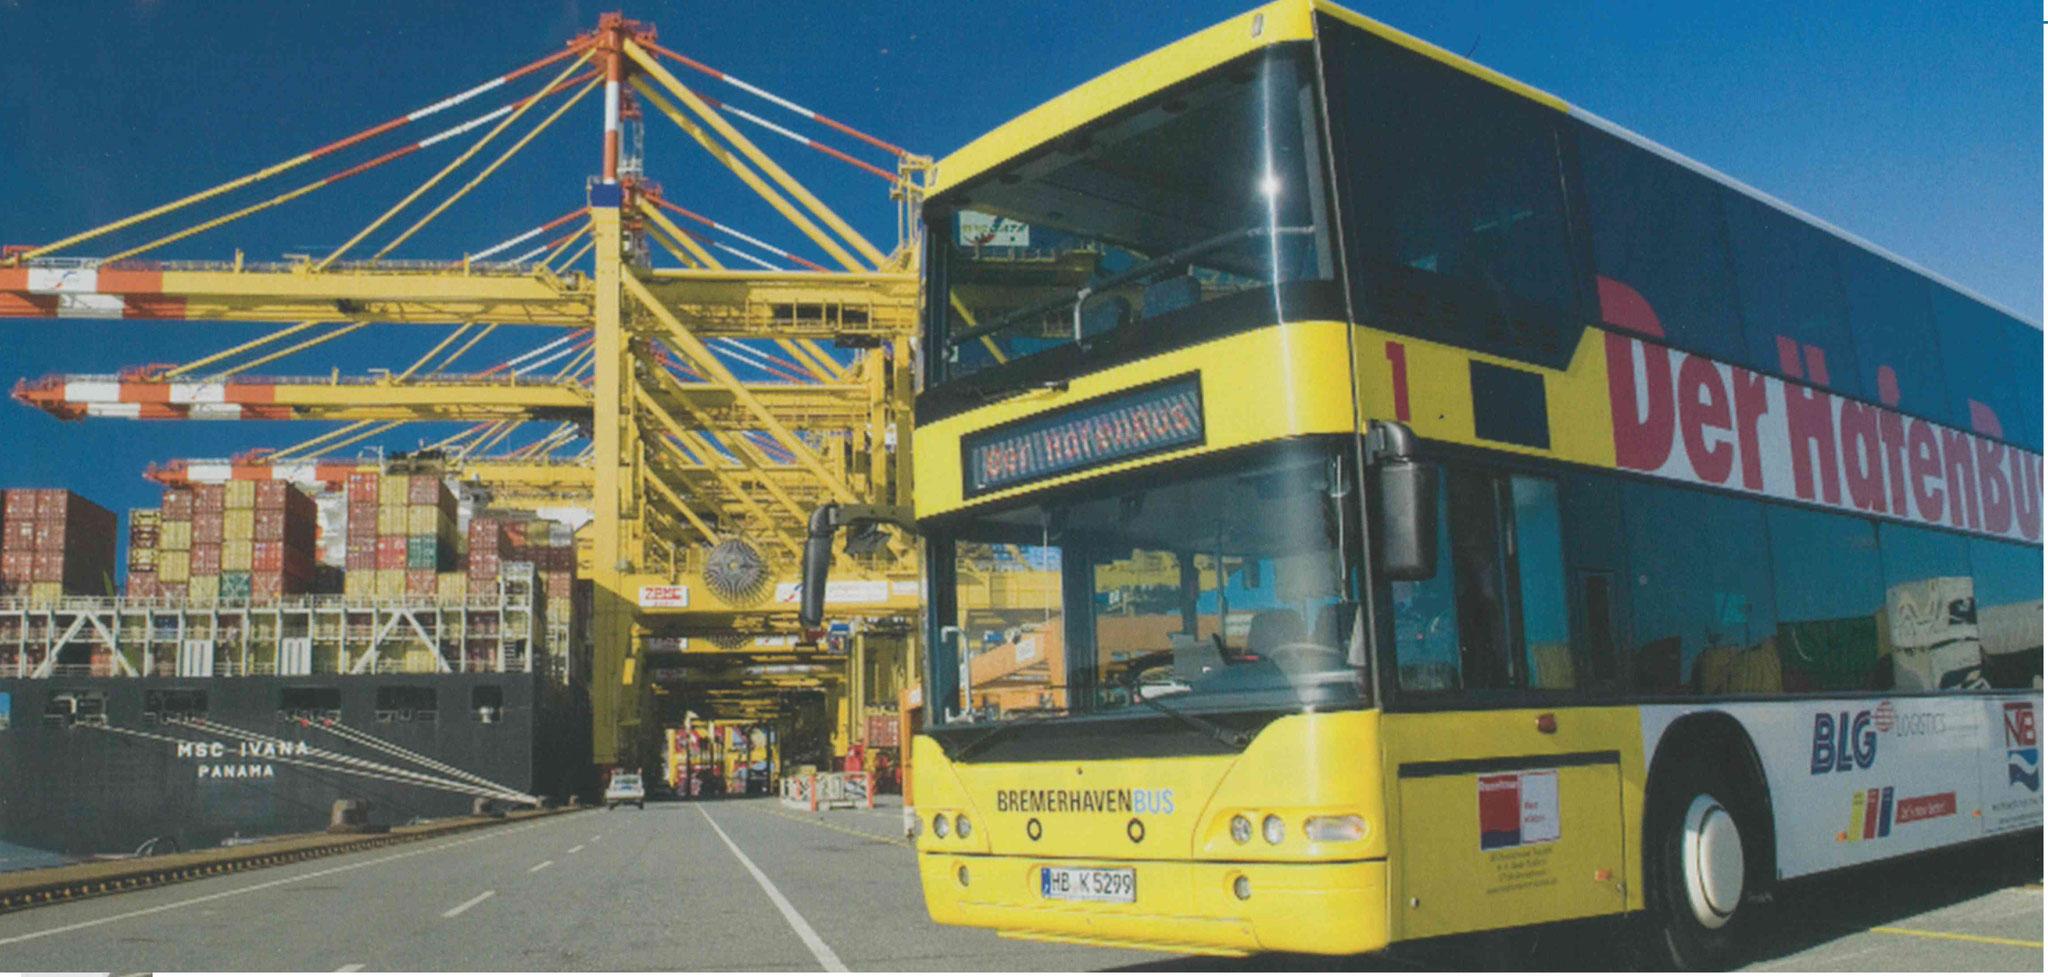 Havenbus Bremerhaven